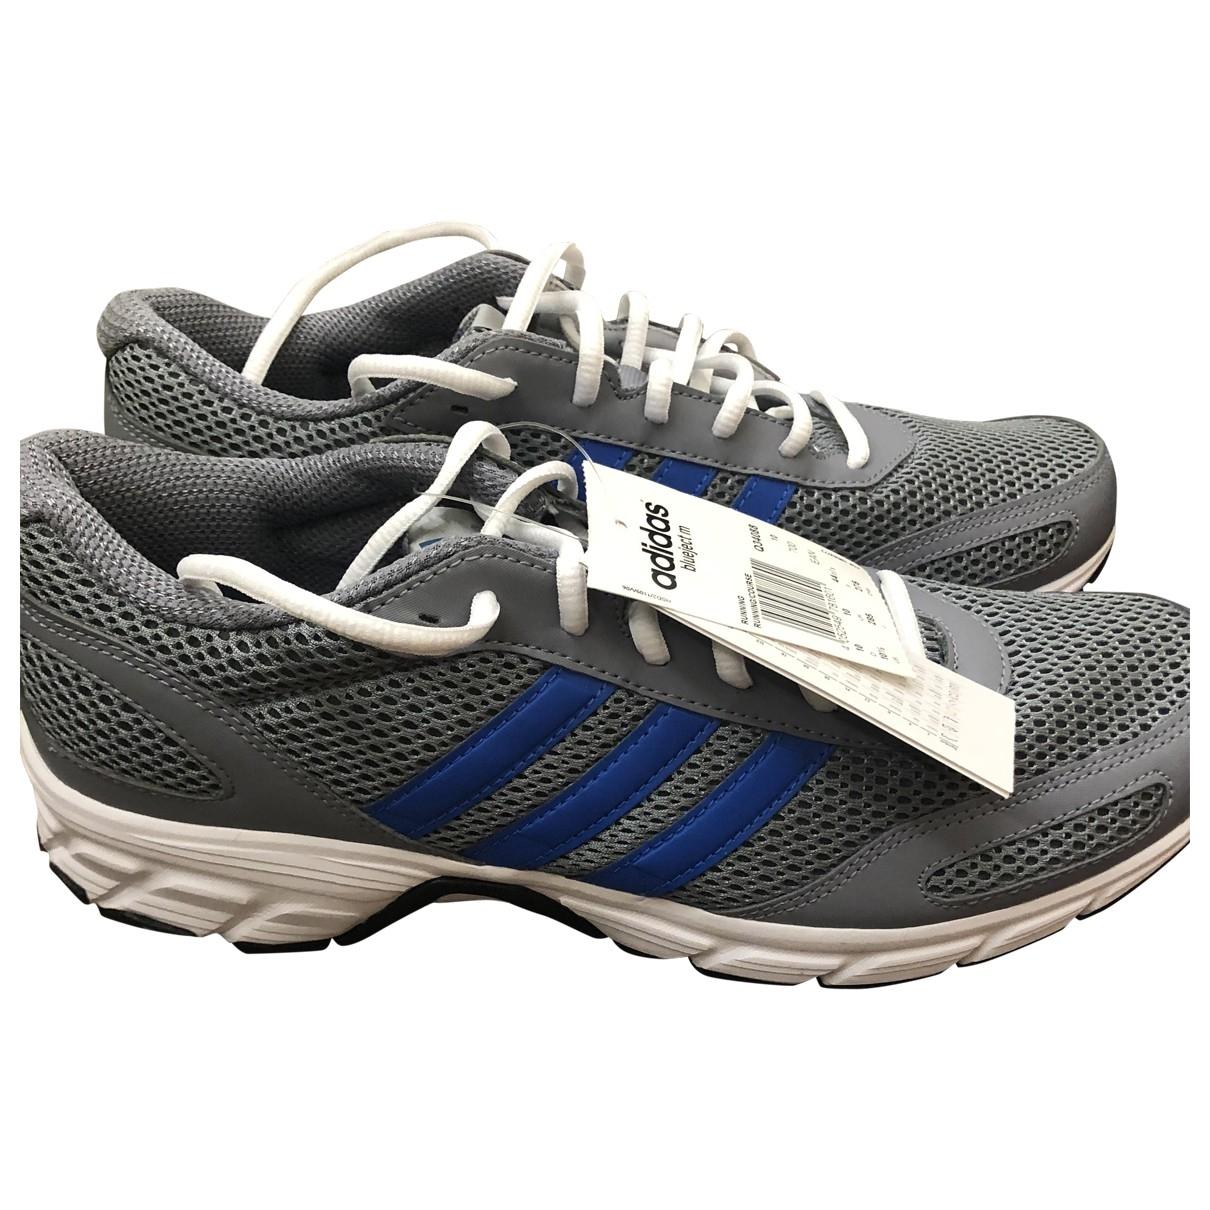 Adidas - Baskets   pour homme en toile - gris